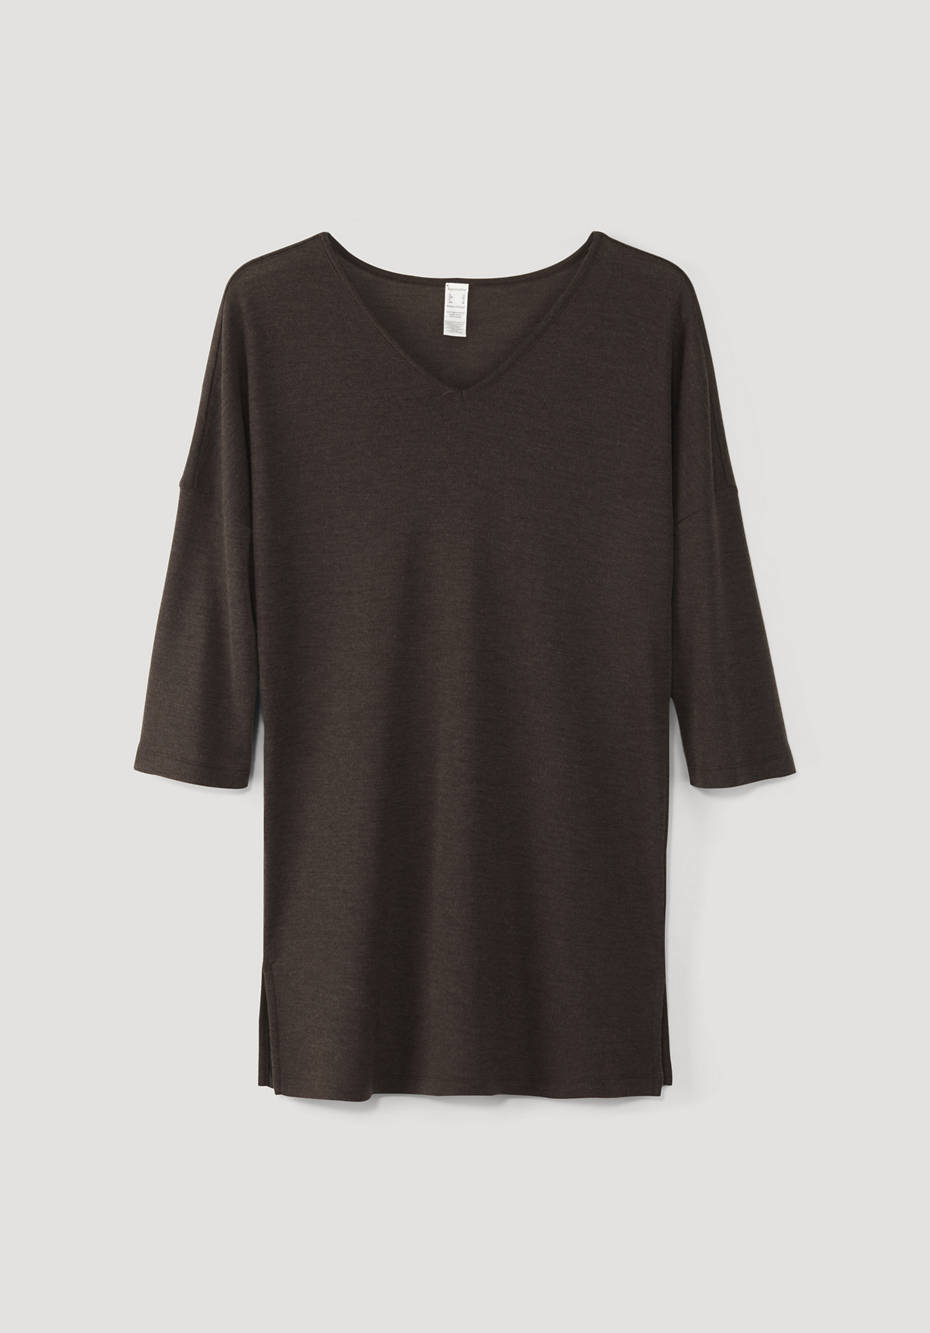 Long shirt made of pure organic merino wool